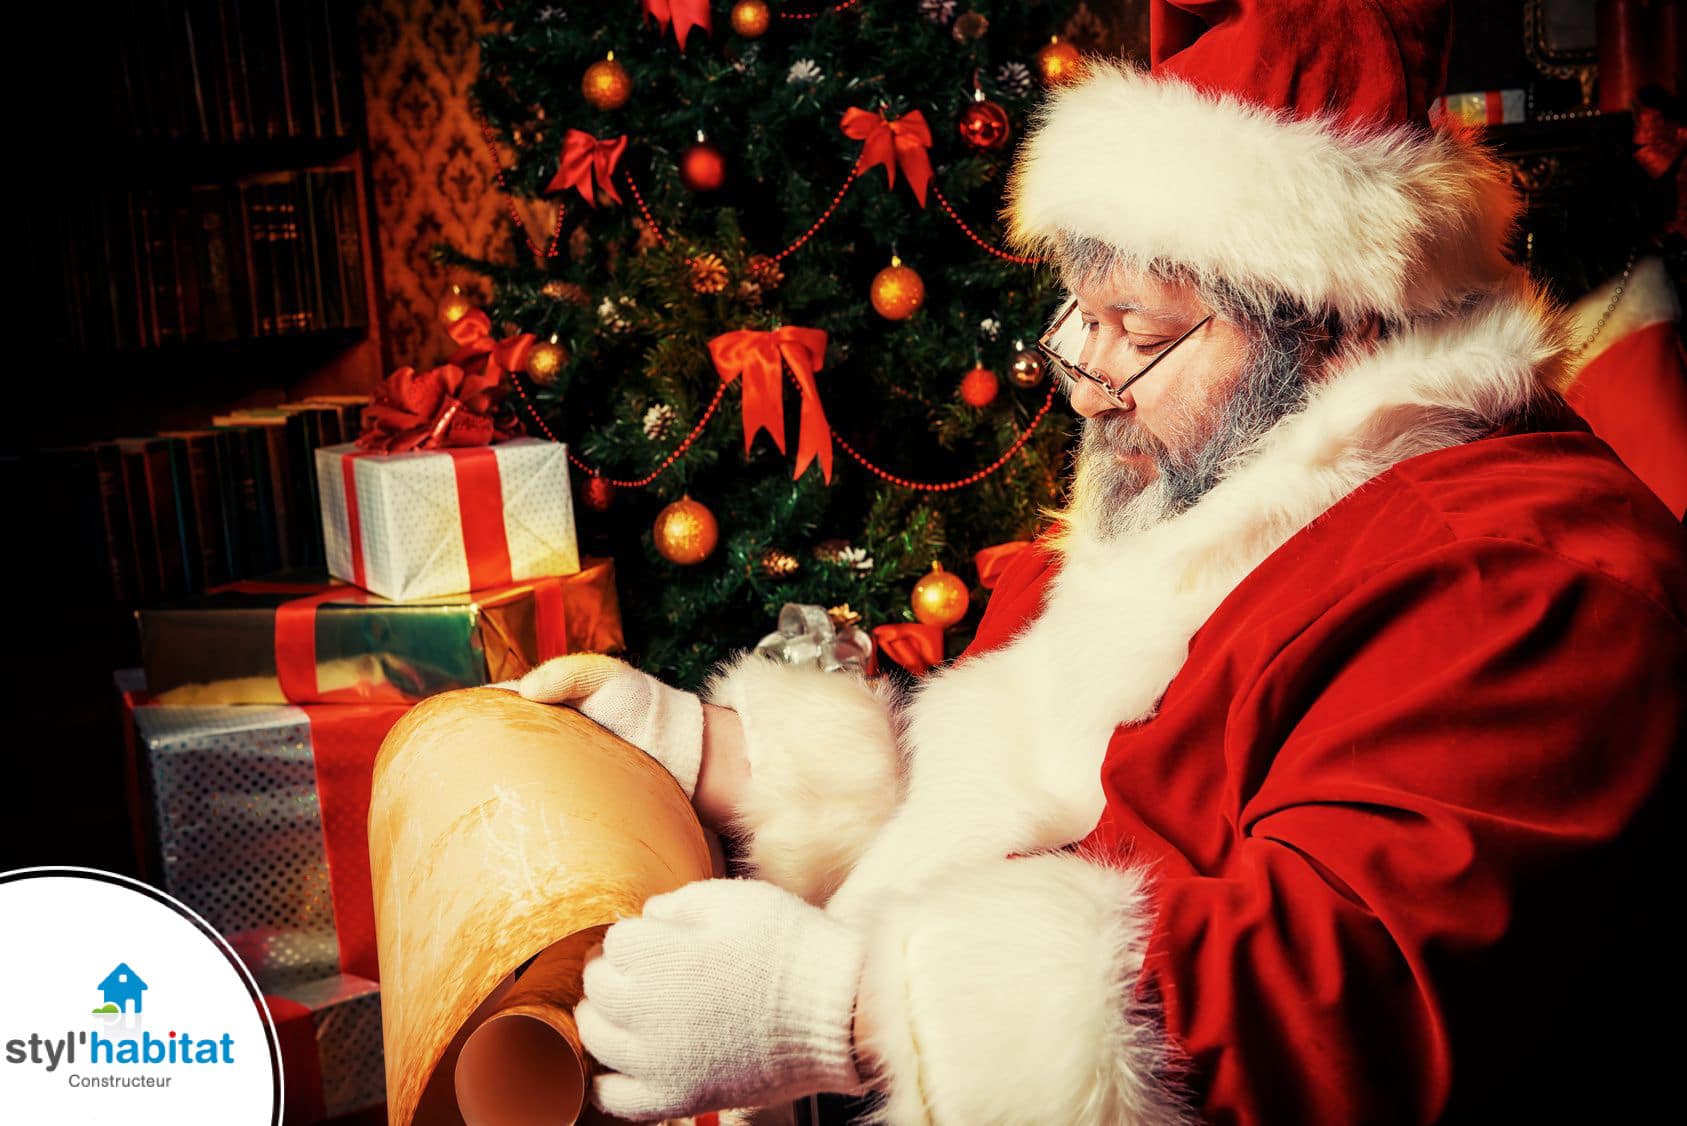 pere noel liste cadeaux